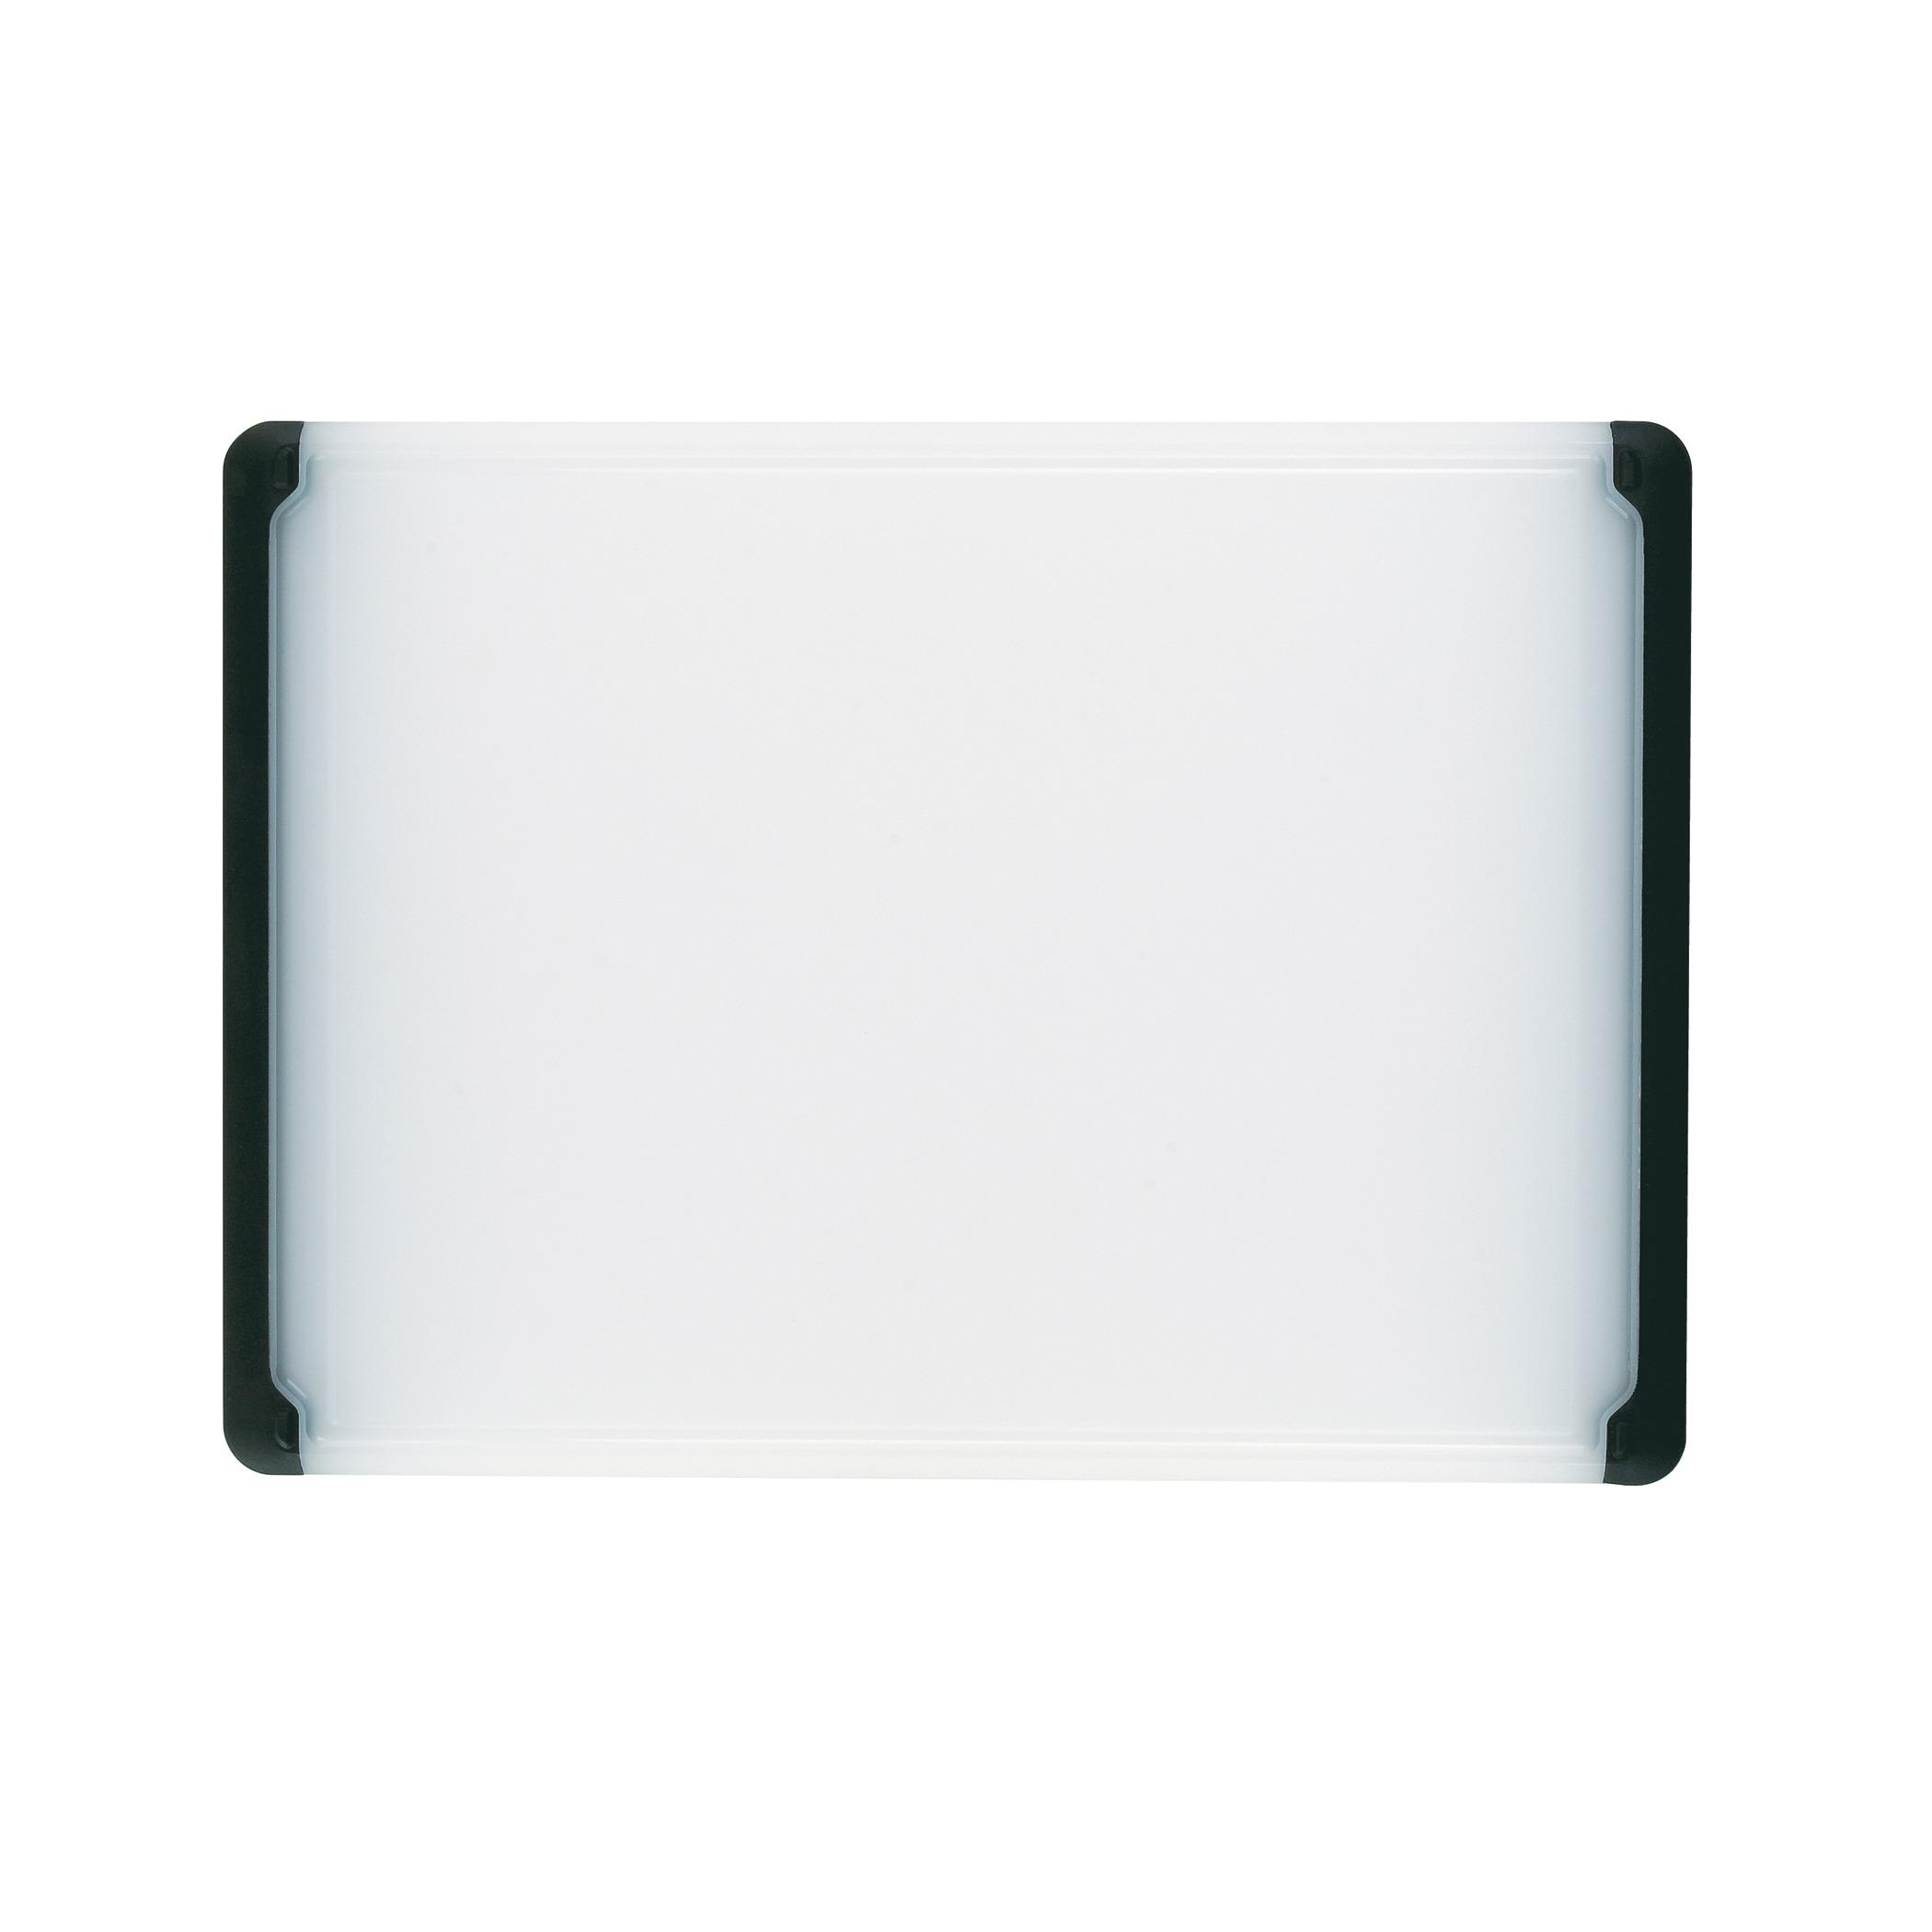 Utility Cutting Board black